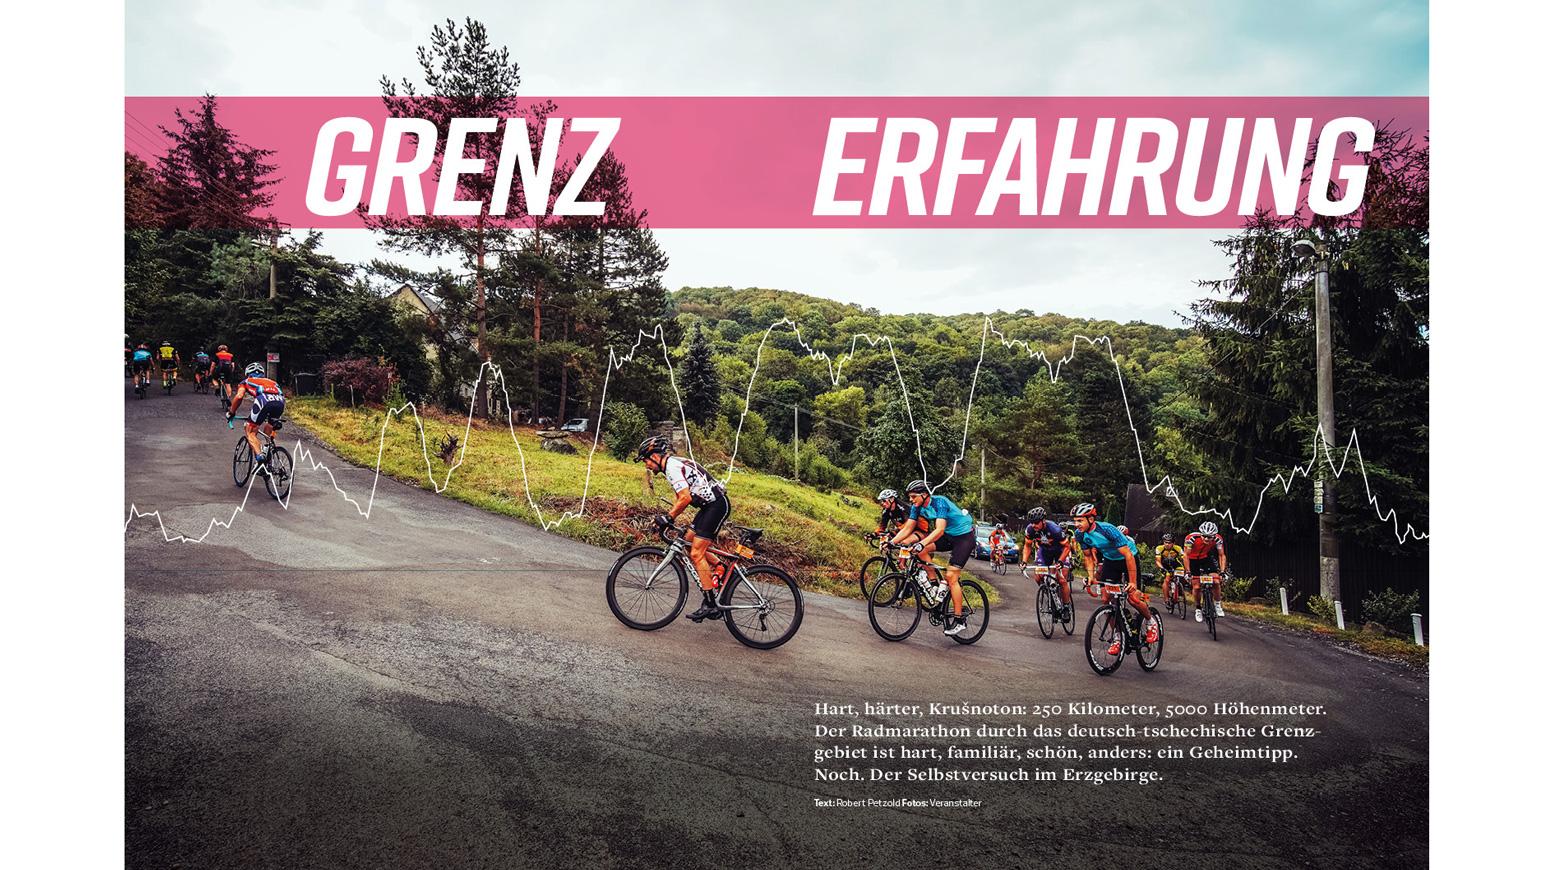 RennRad-Krusnoton-Radmarathon